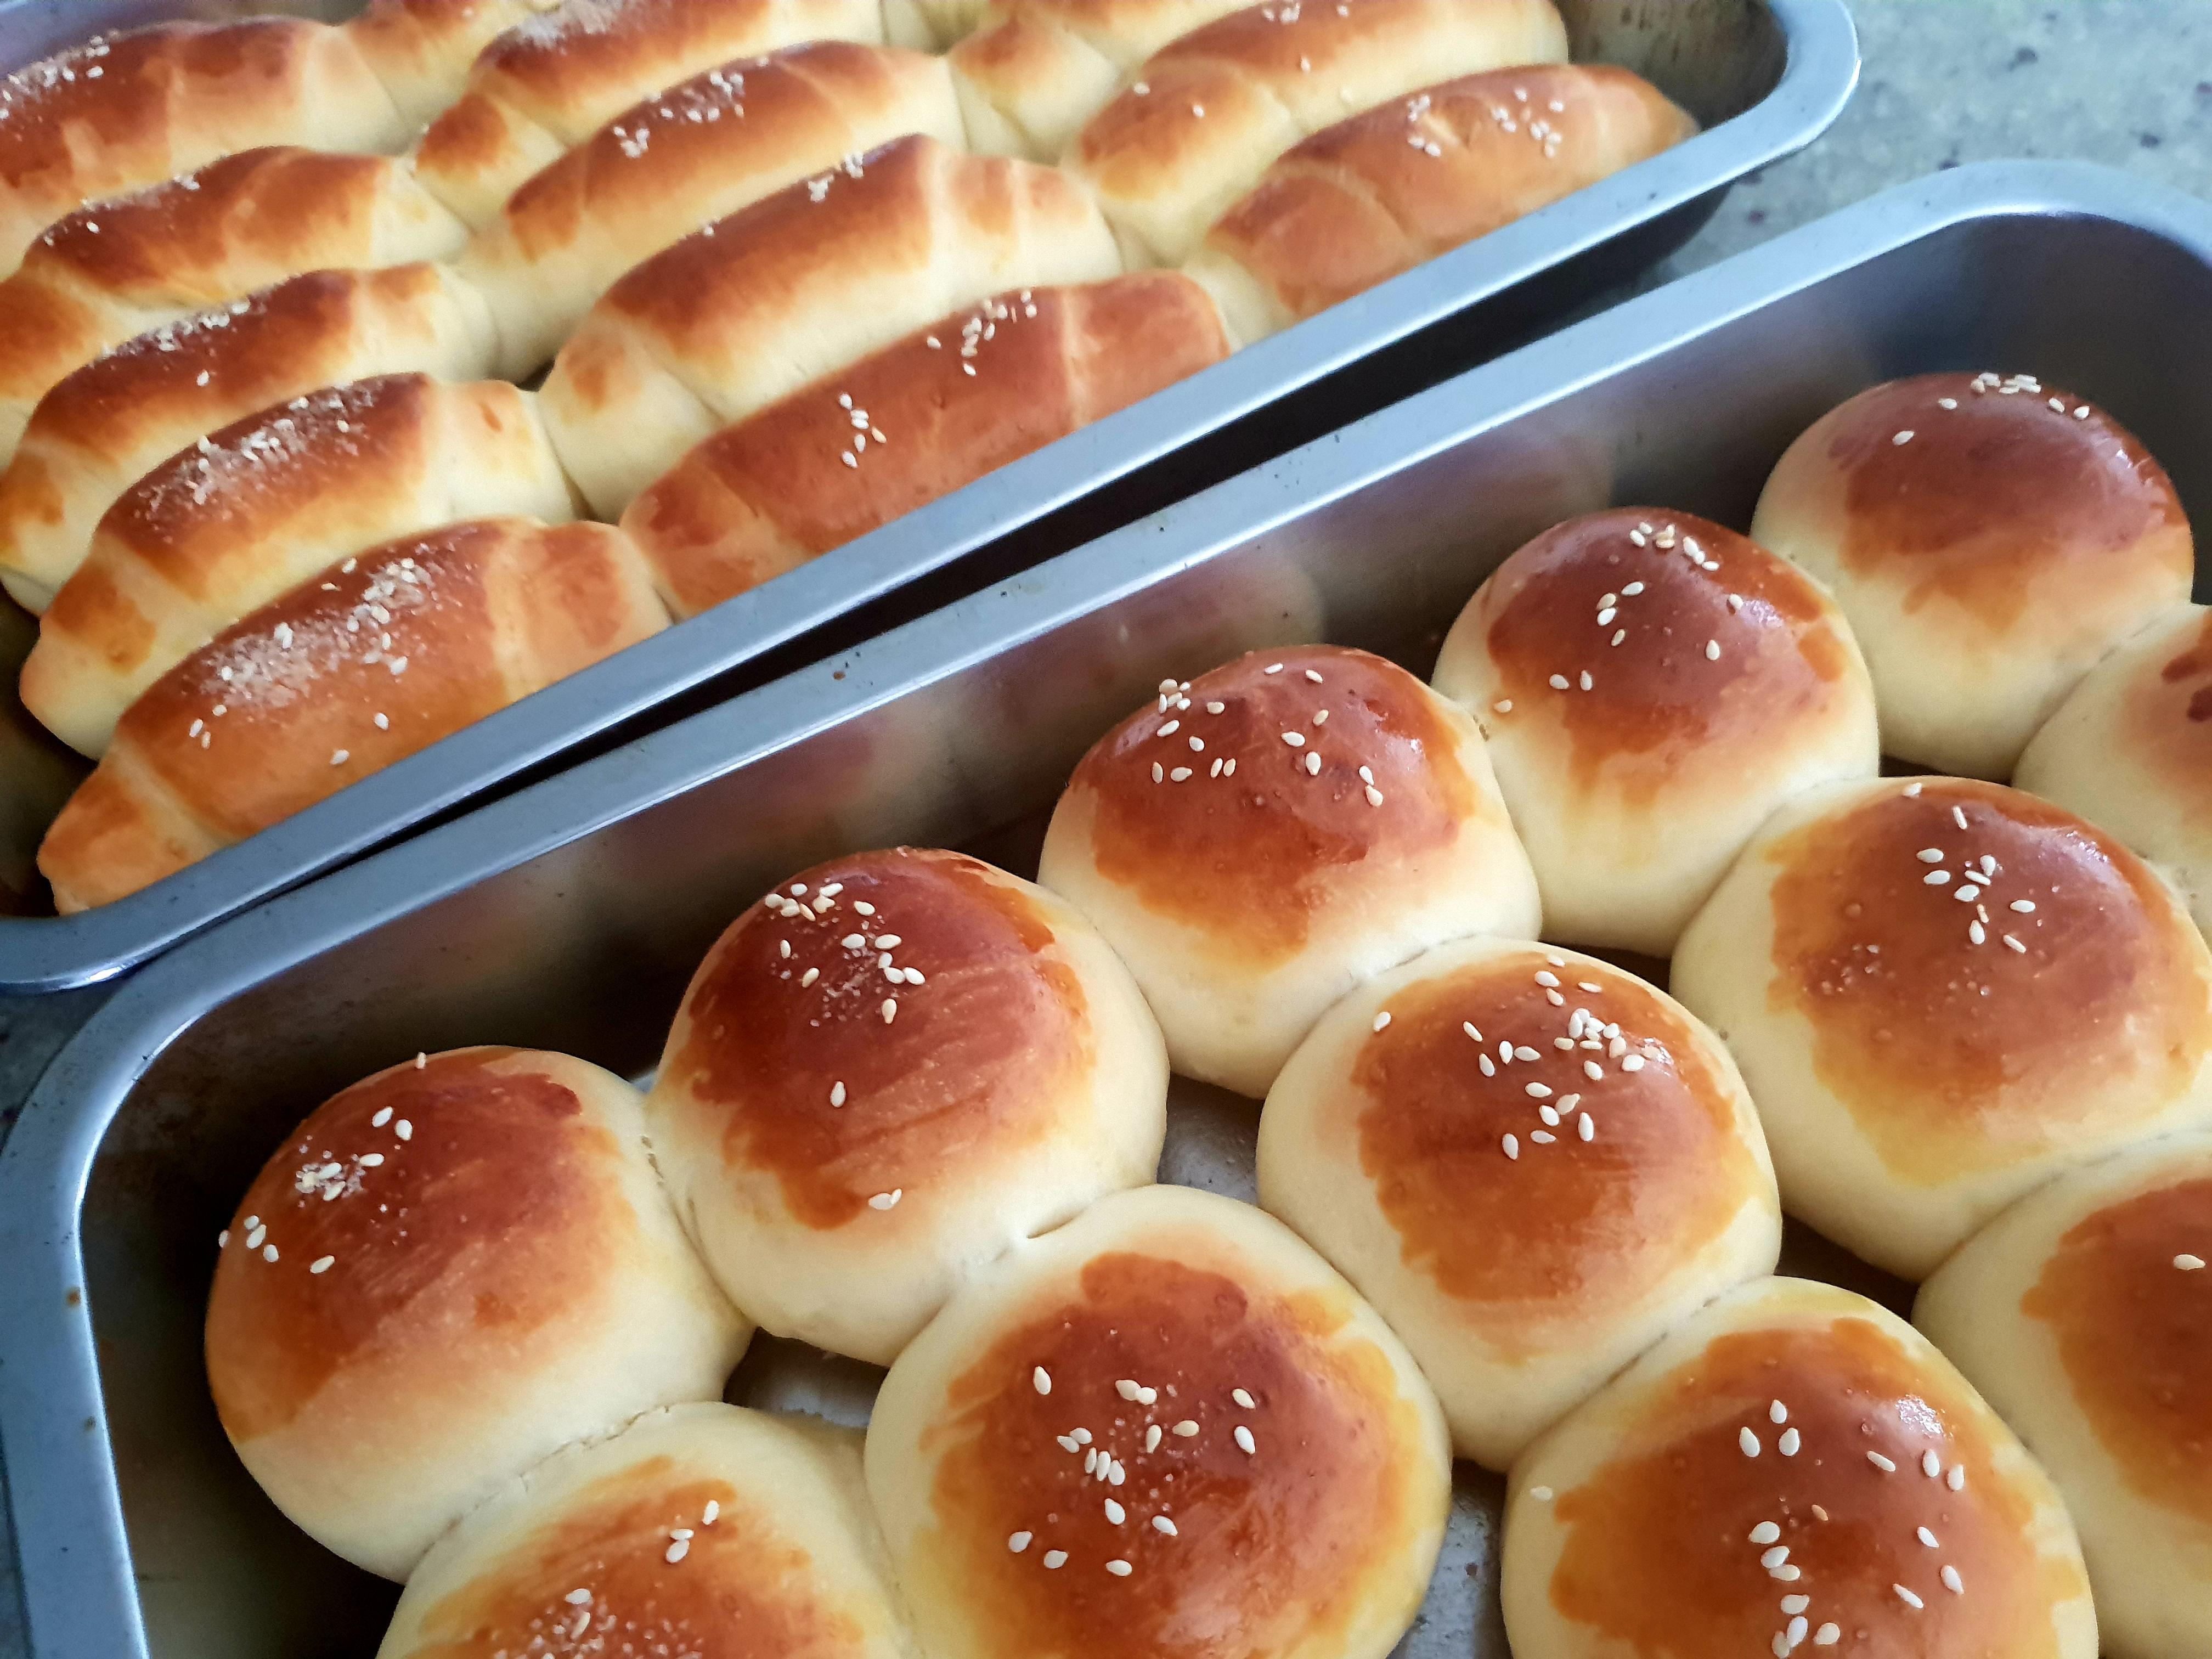 Best Basic Sweet Bread